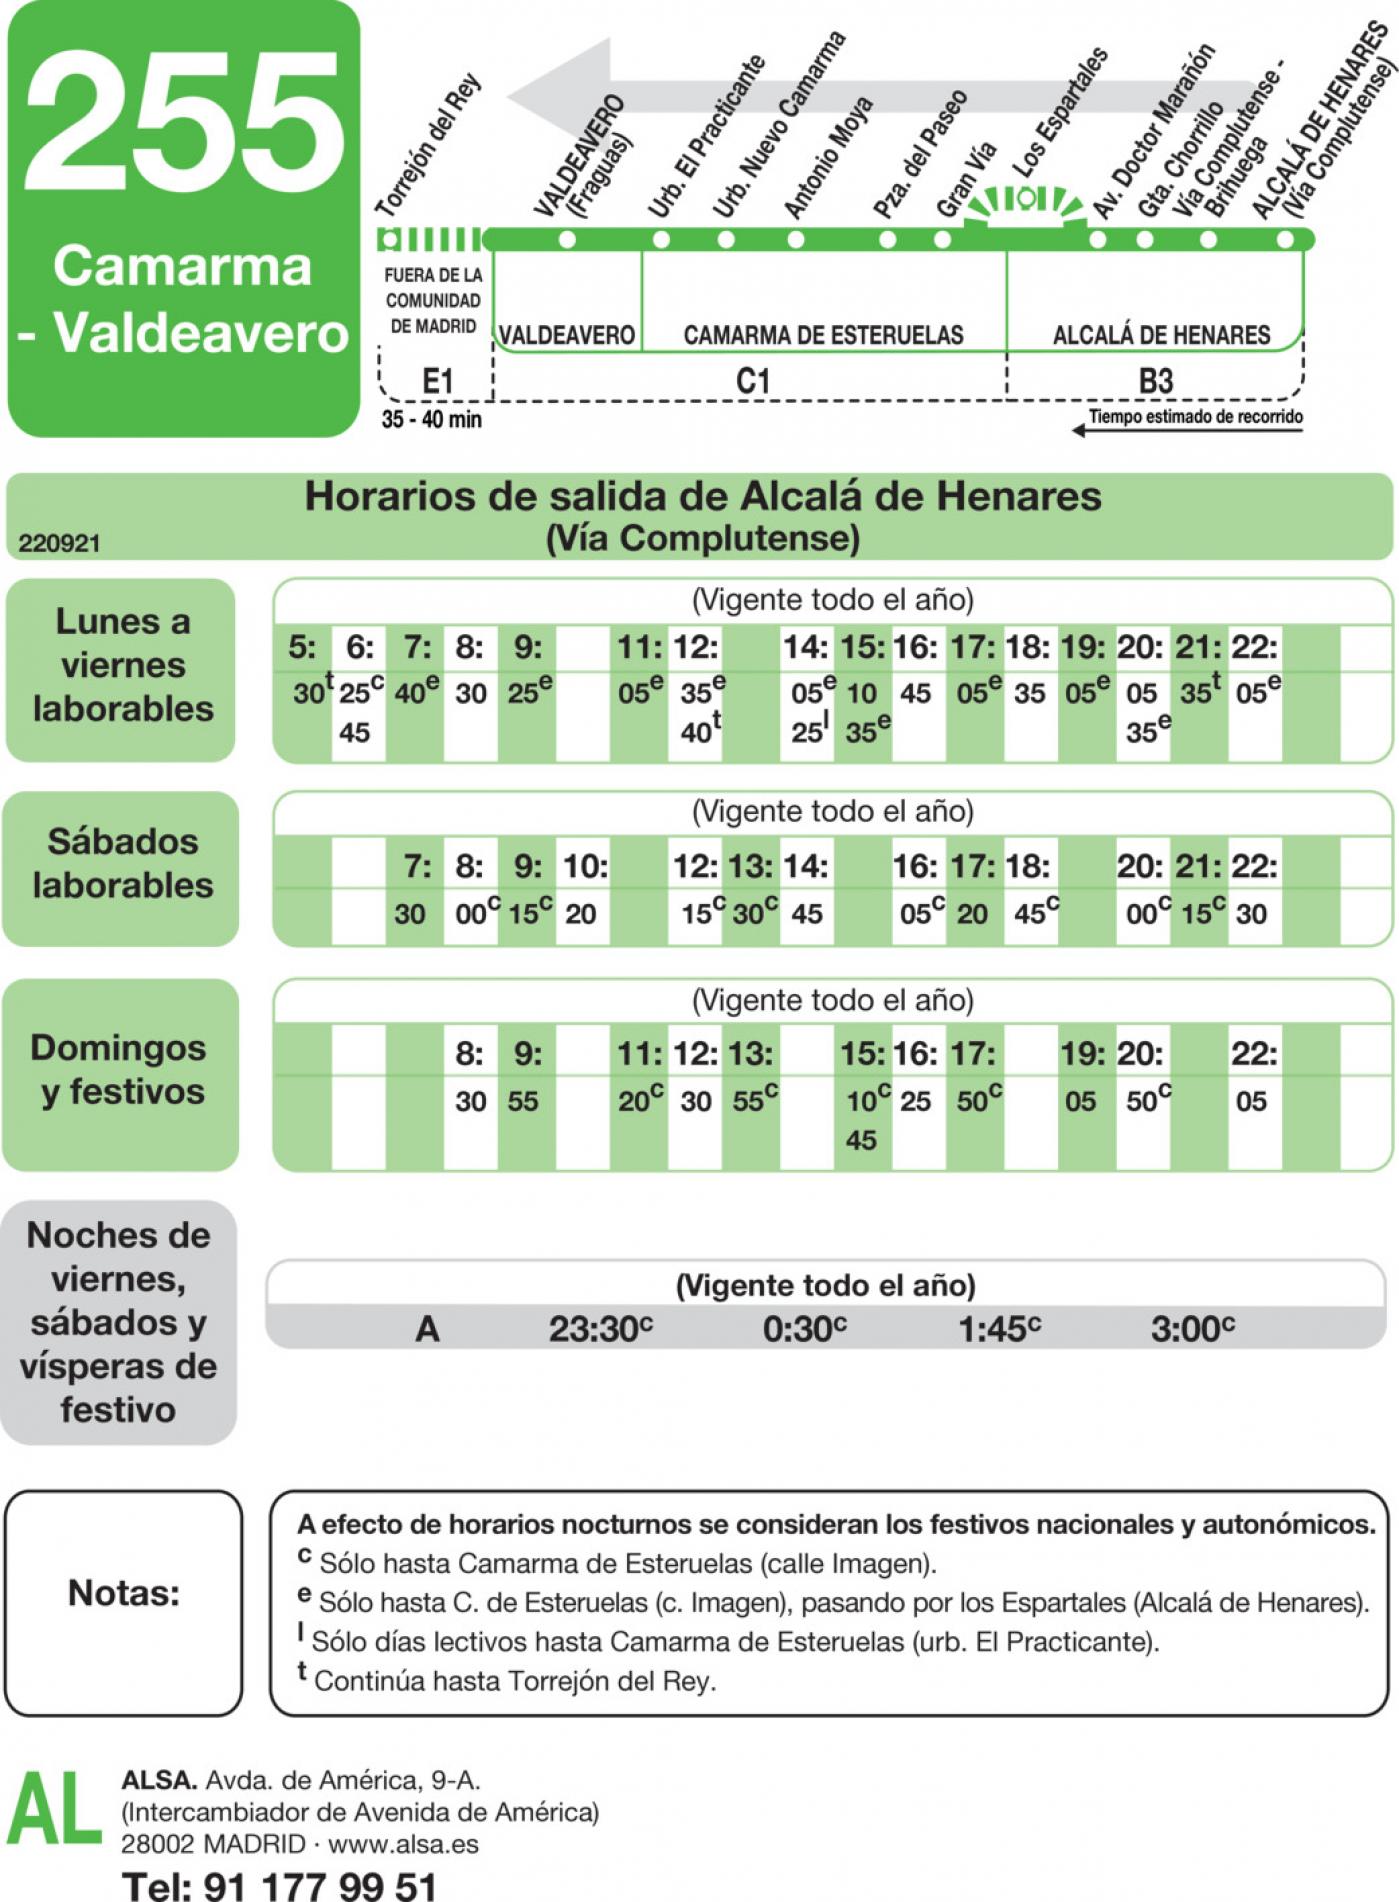 Tabla de horarios y frecuencias de paso en sentido vuelta Línea 255: Valdeavero - Camarma de Esteruelas - Alcalá de Henares